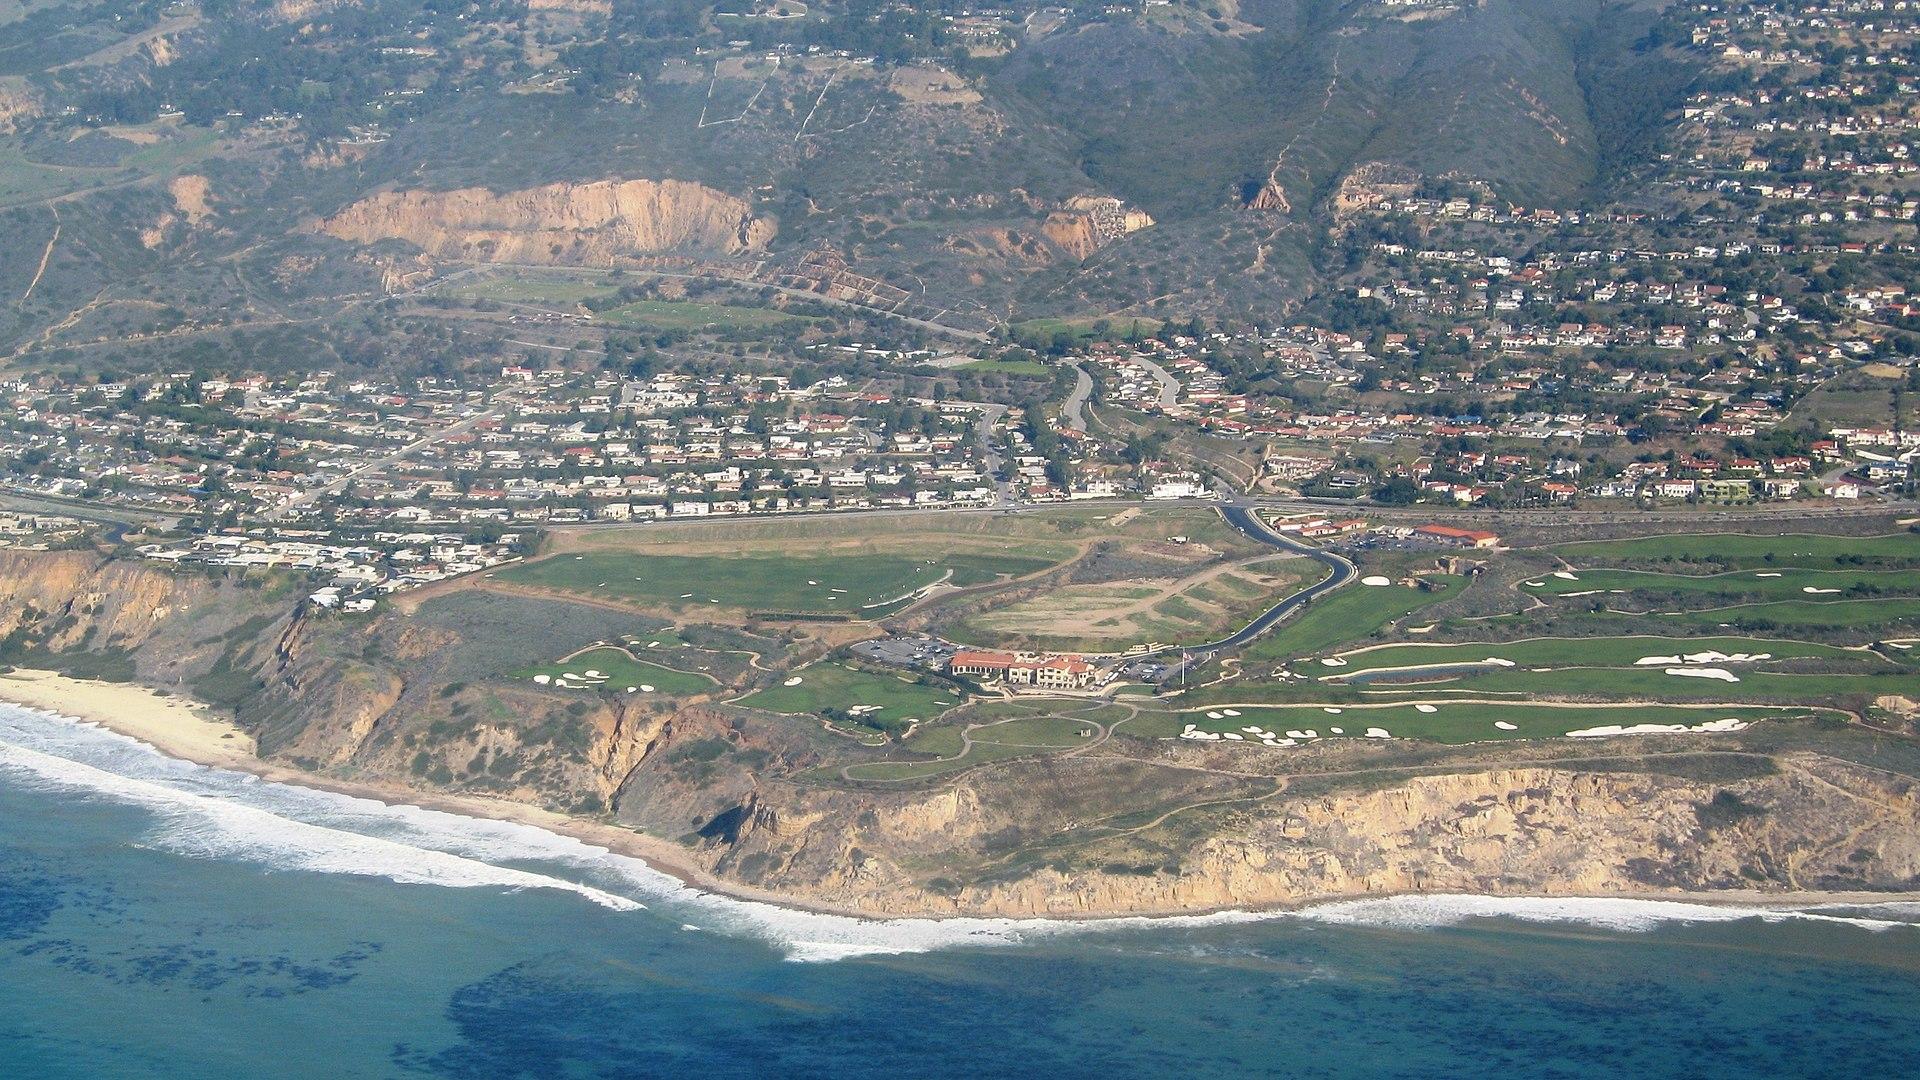 rancho palos verdes muslim 310-237-6406 - rancho palos verdes mobile notary - rancho palos verdes traveling notary.